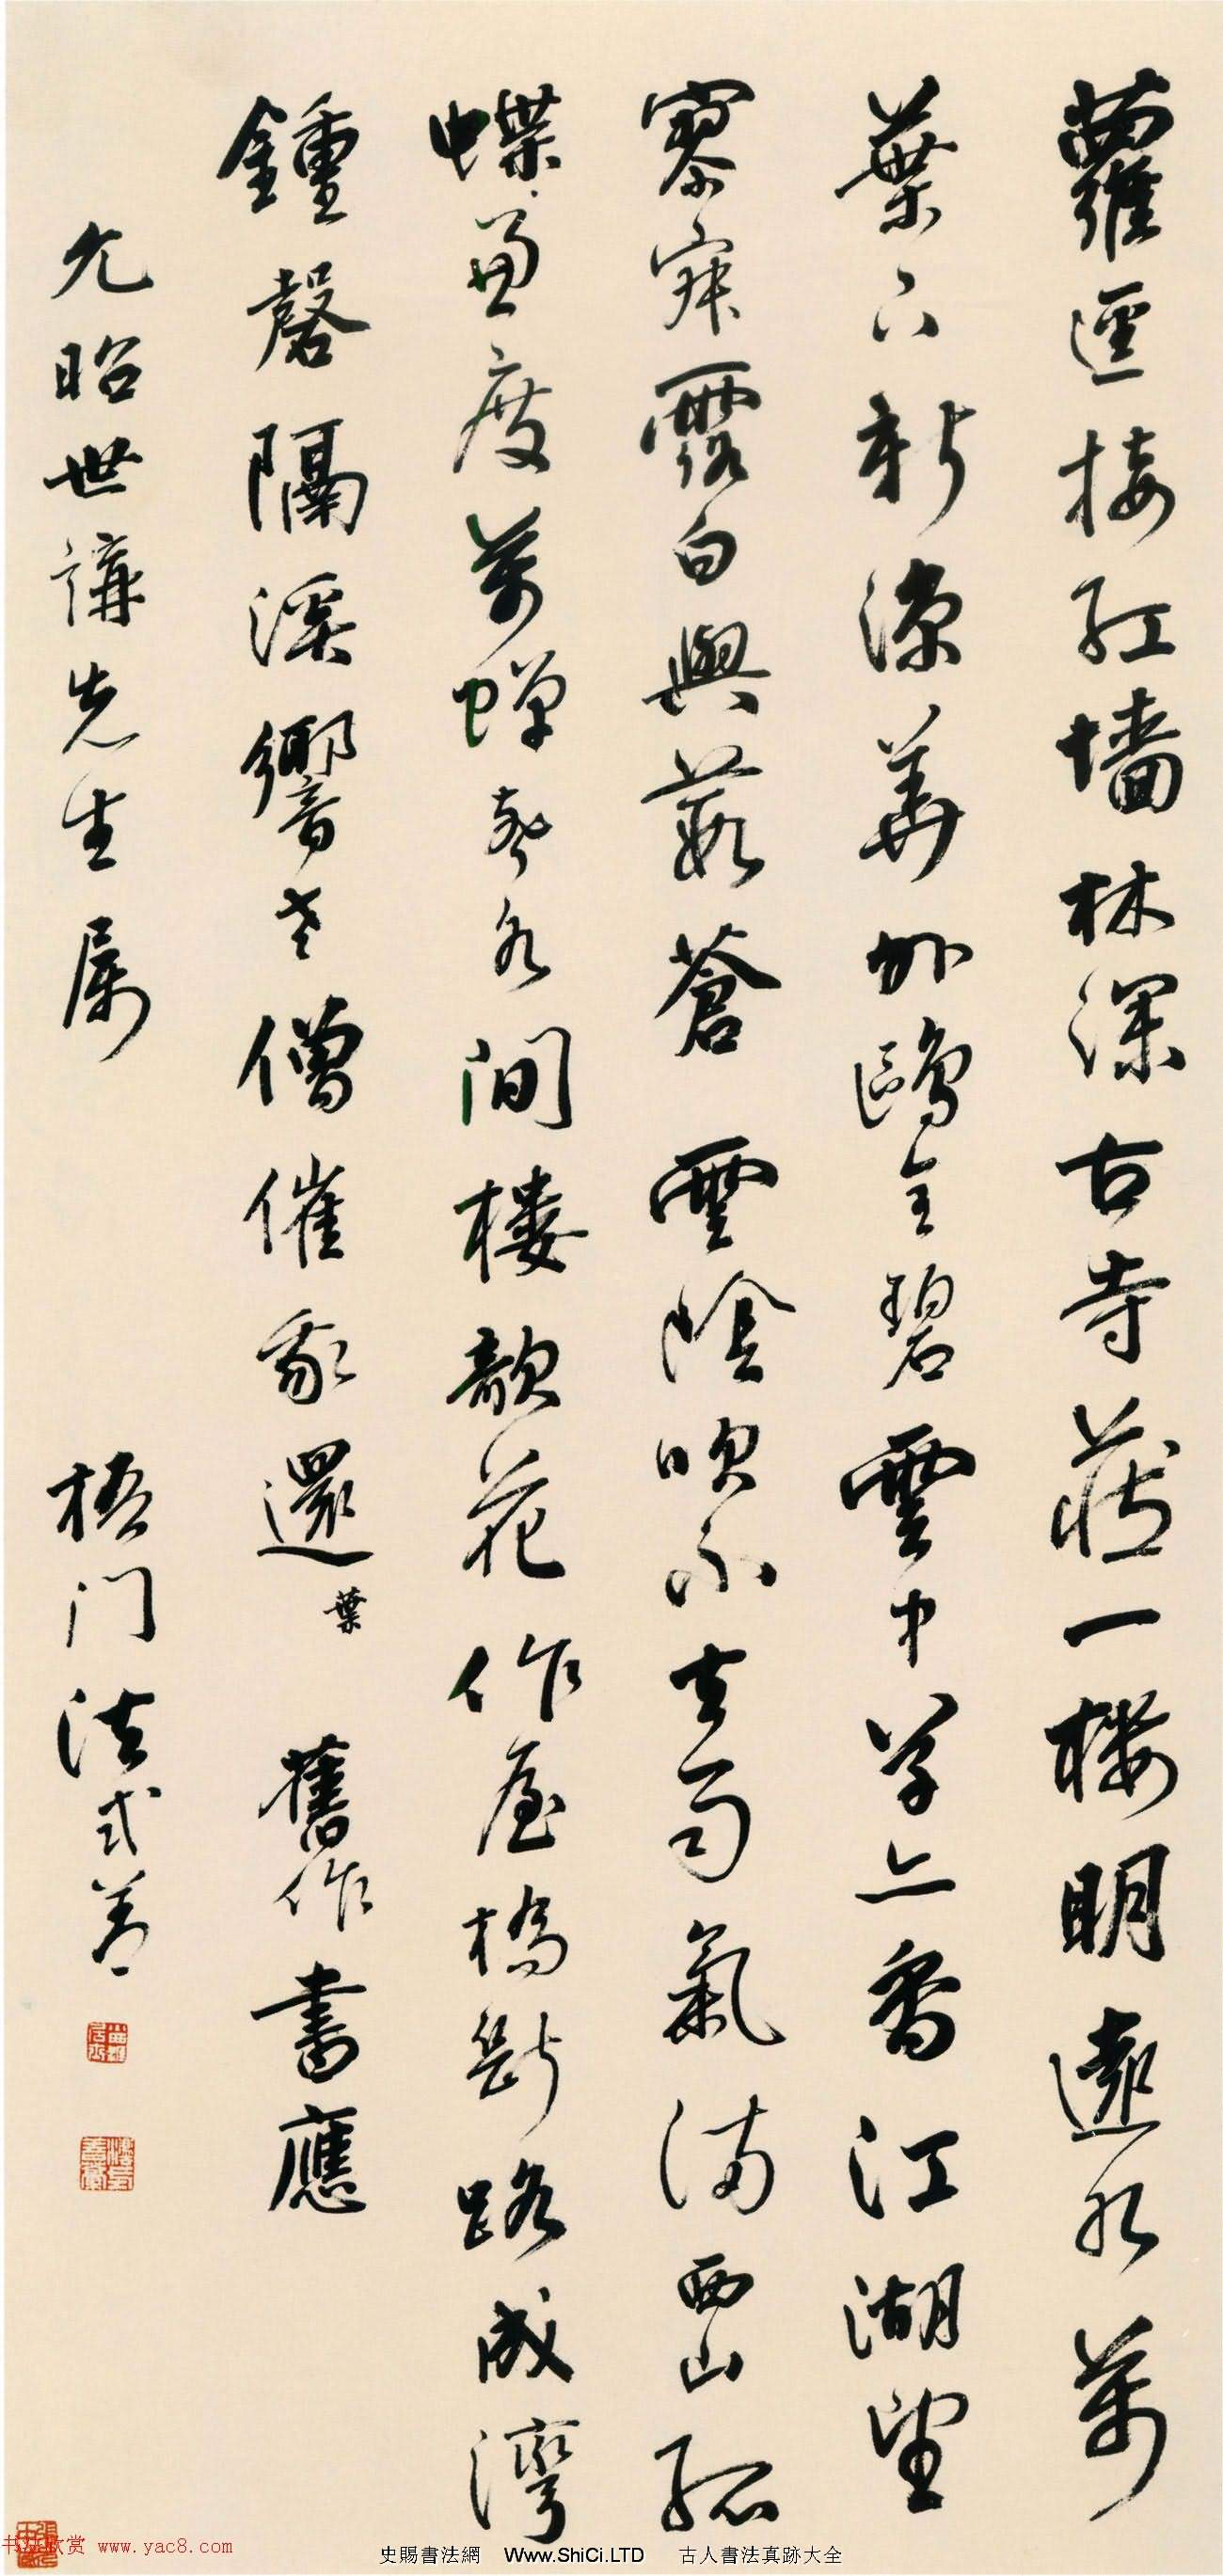 蒙古族清代文學家法式善書法墨跡(共6張圖片)